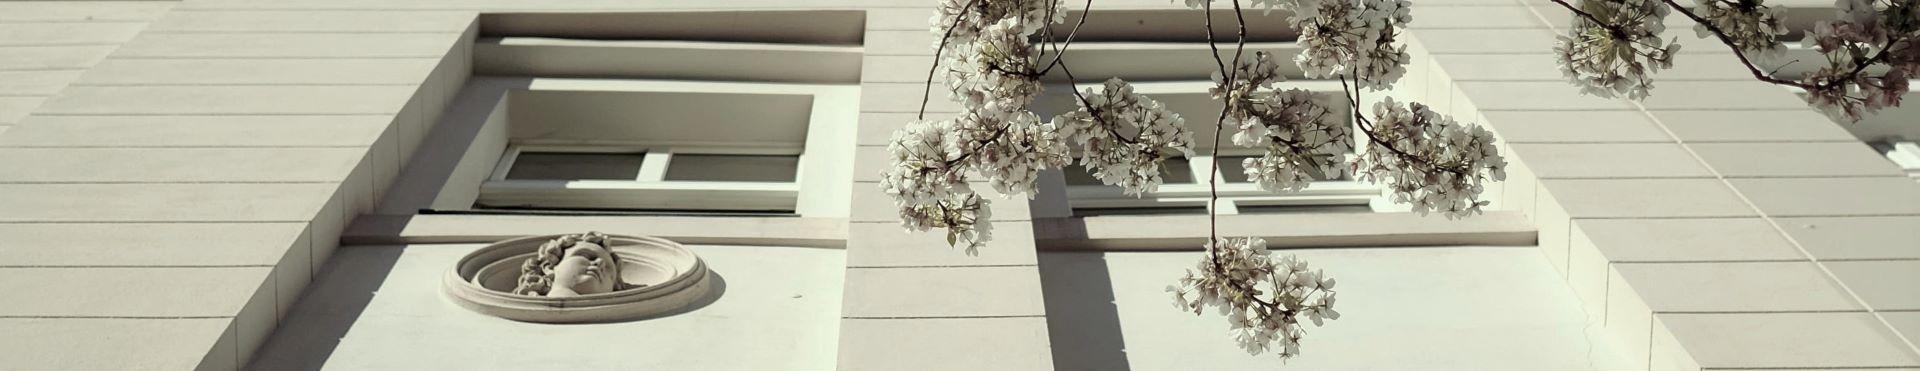 urban spring (13)